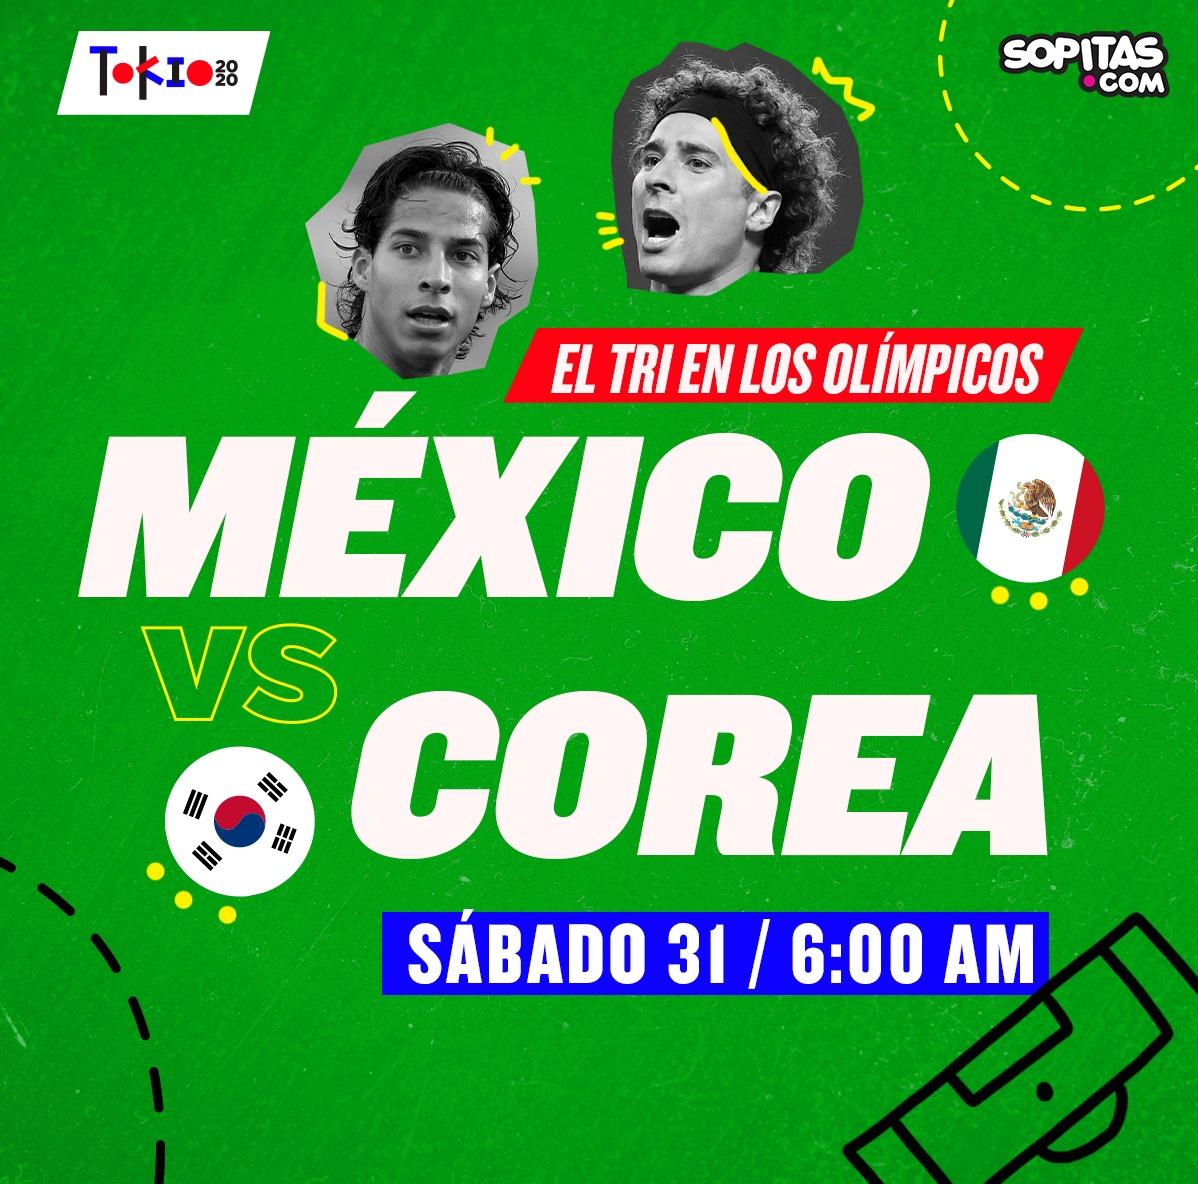 México vs Corea del Sur en Tokio 2020